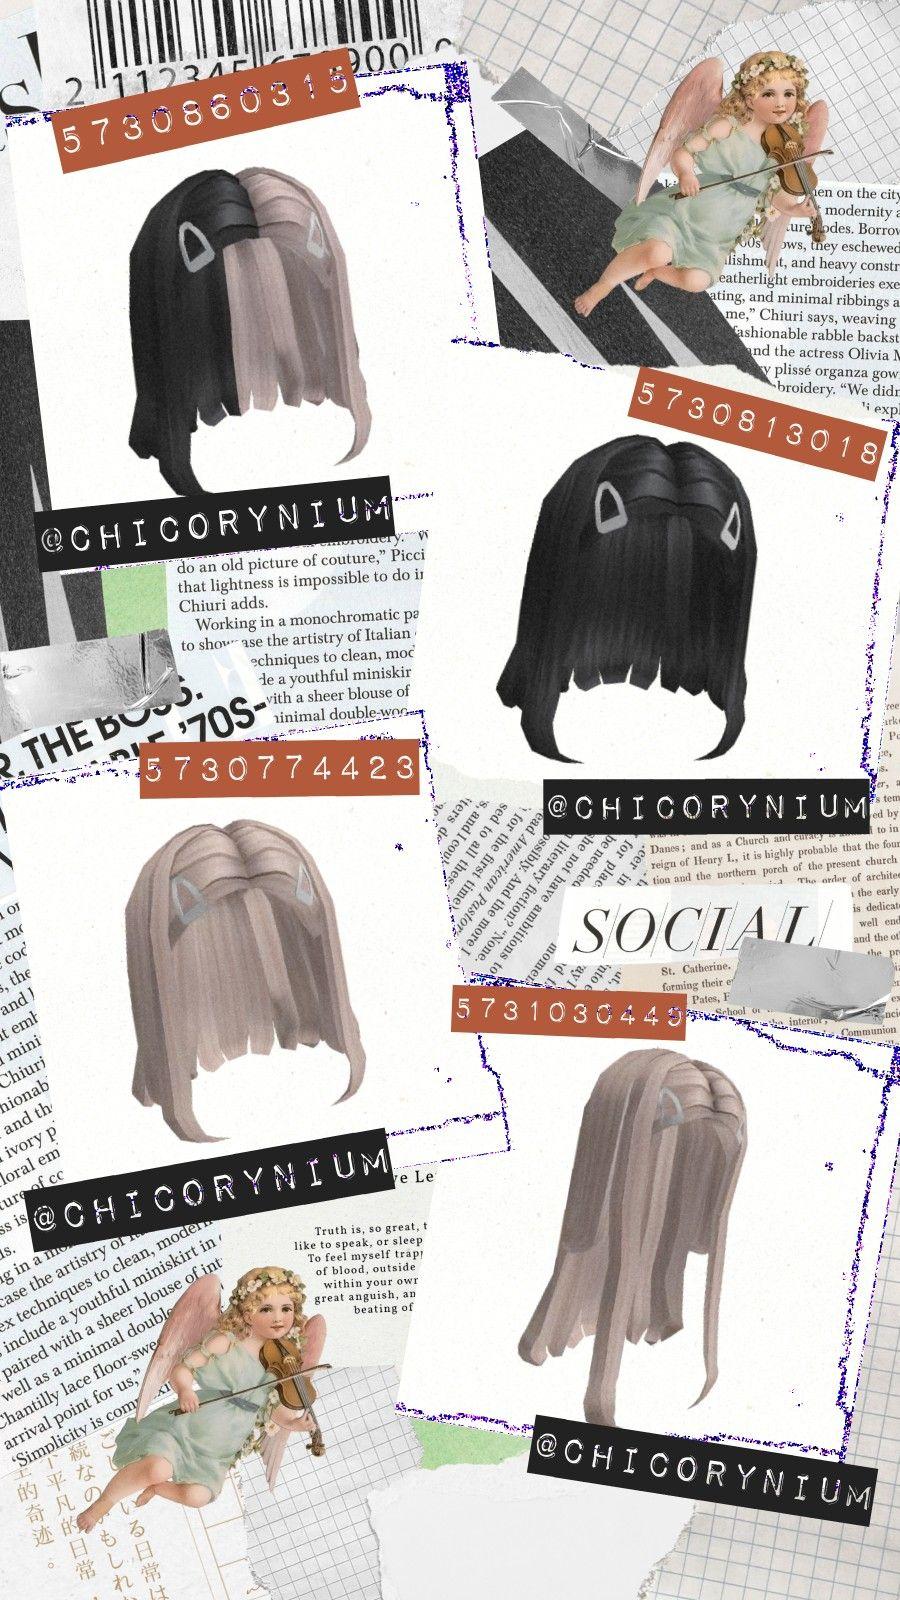 Chicorynium Roblox Codes Roblox Blonde Hair